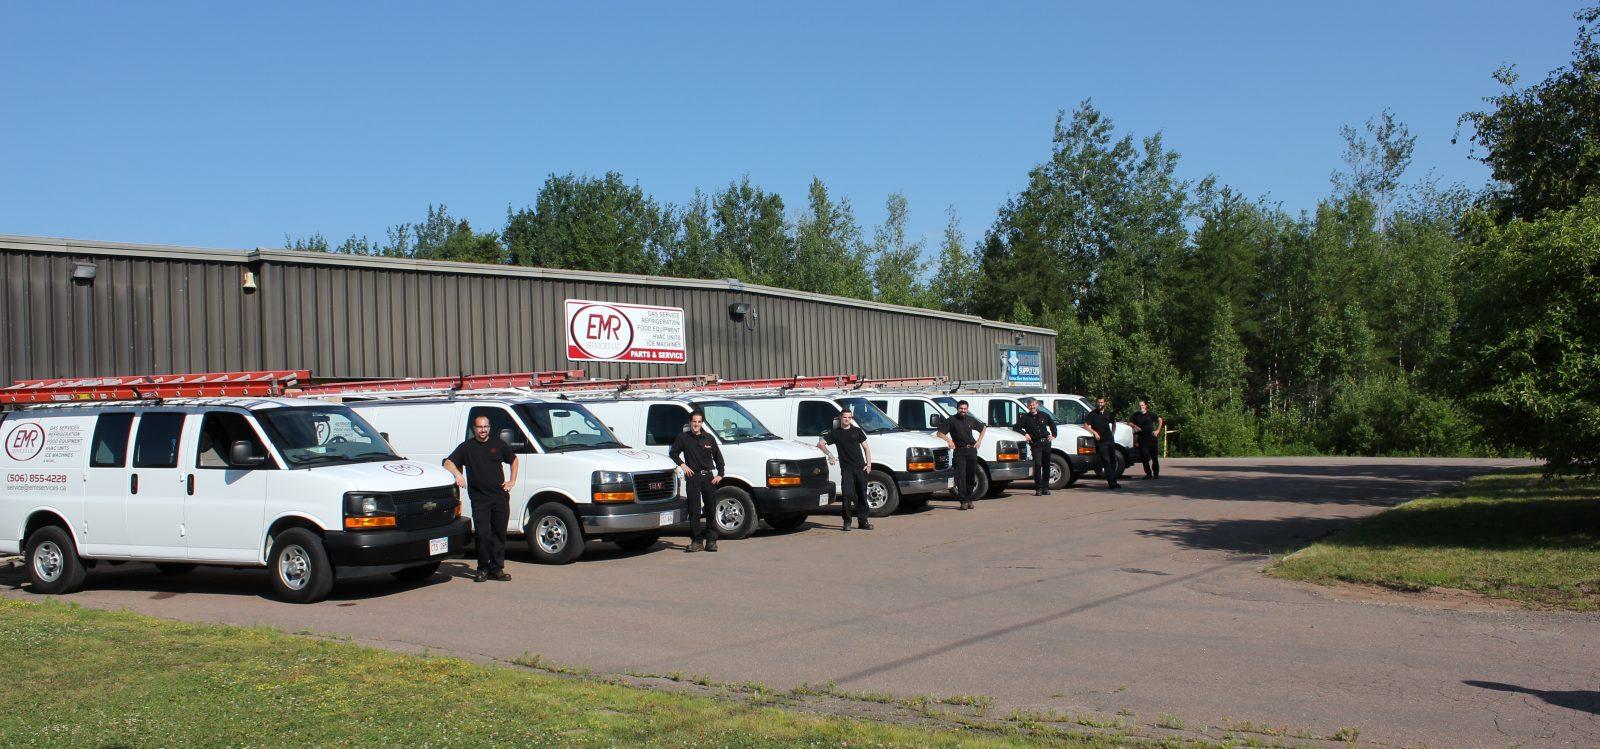 EMR Services